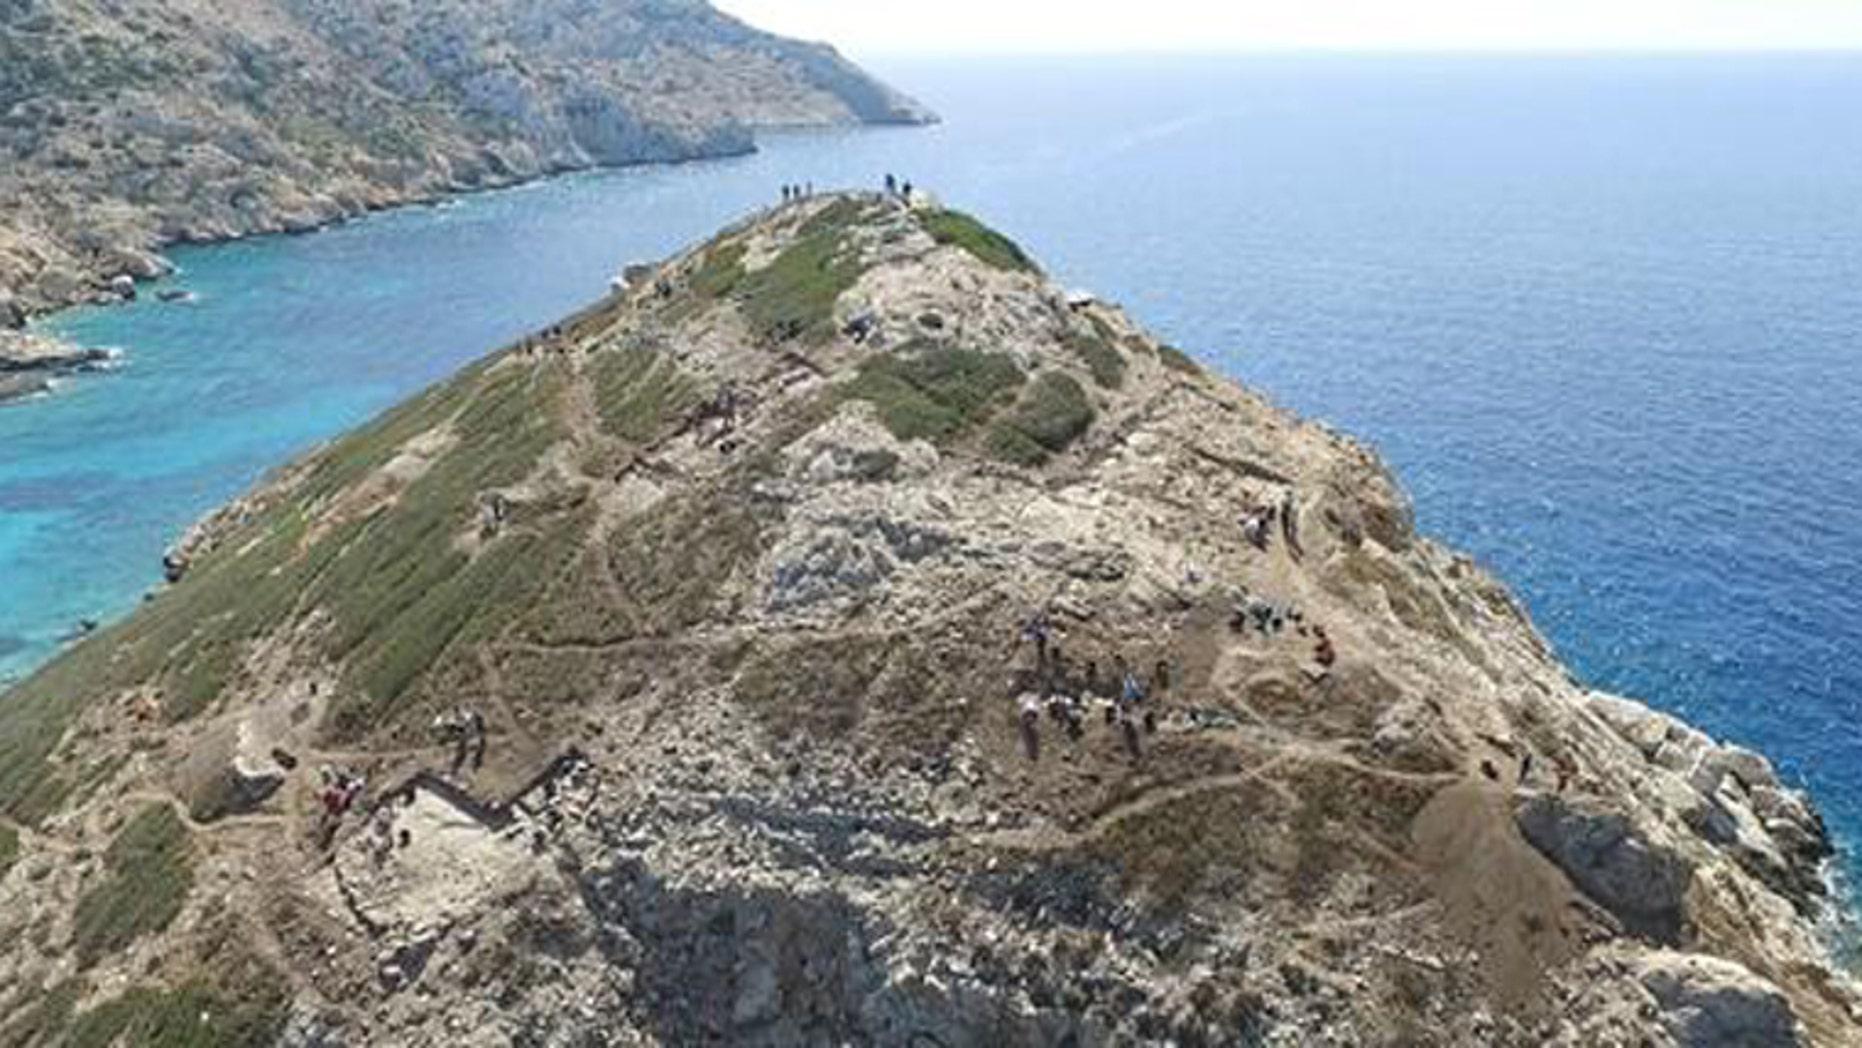 Excavations underway on Dhaskalio, off Keros. (Credit: Cambridge Keros Project)